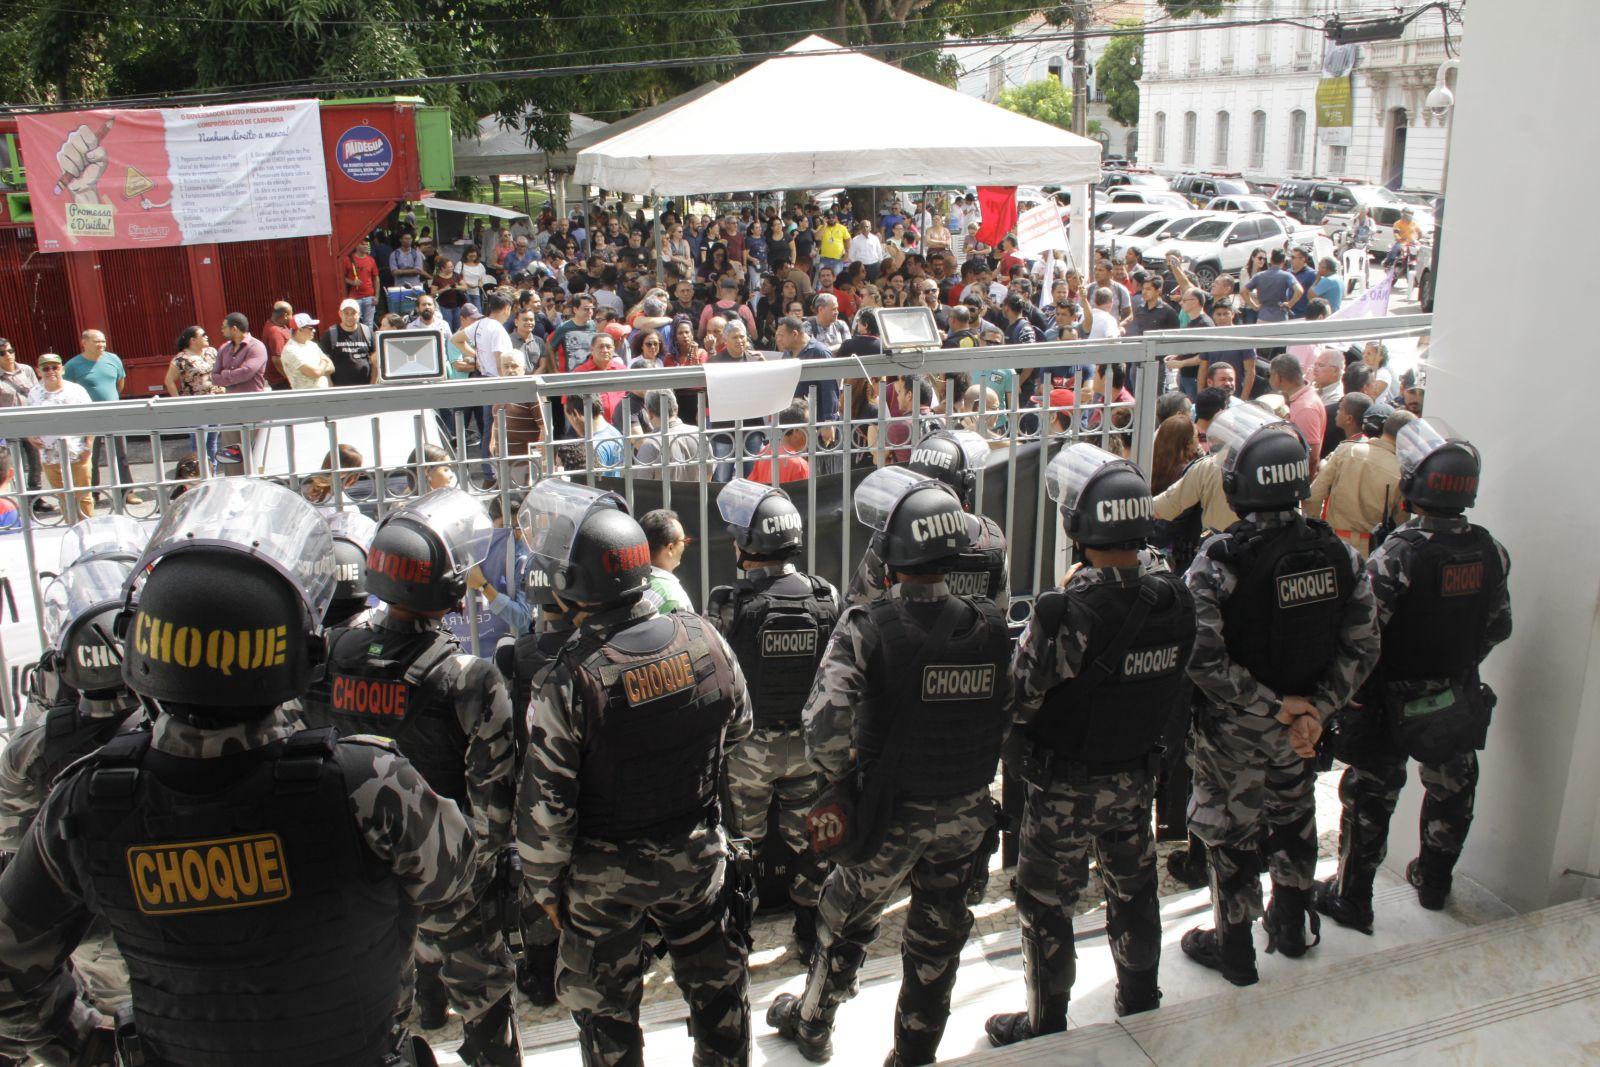 Houve tensão durante toda a sessão. Spray de pimenta e bombas de gás lacrimogênio foram usados contra os manifestantes